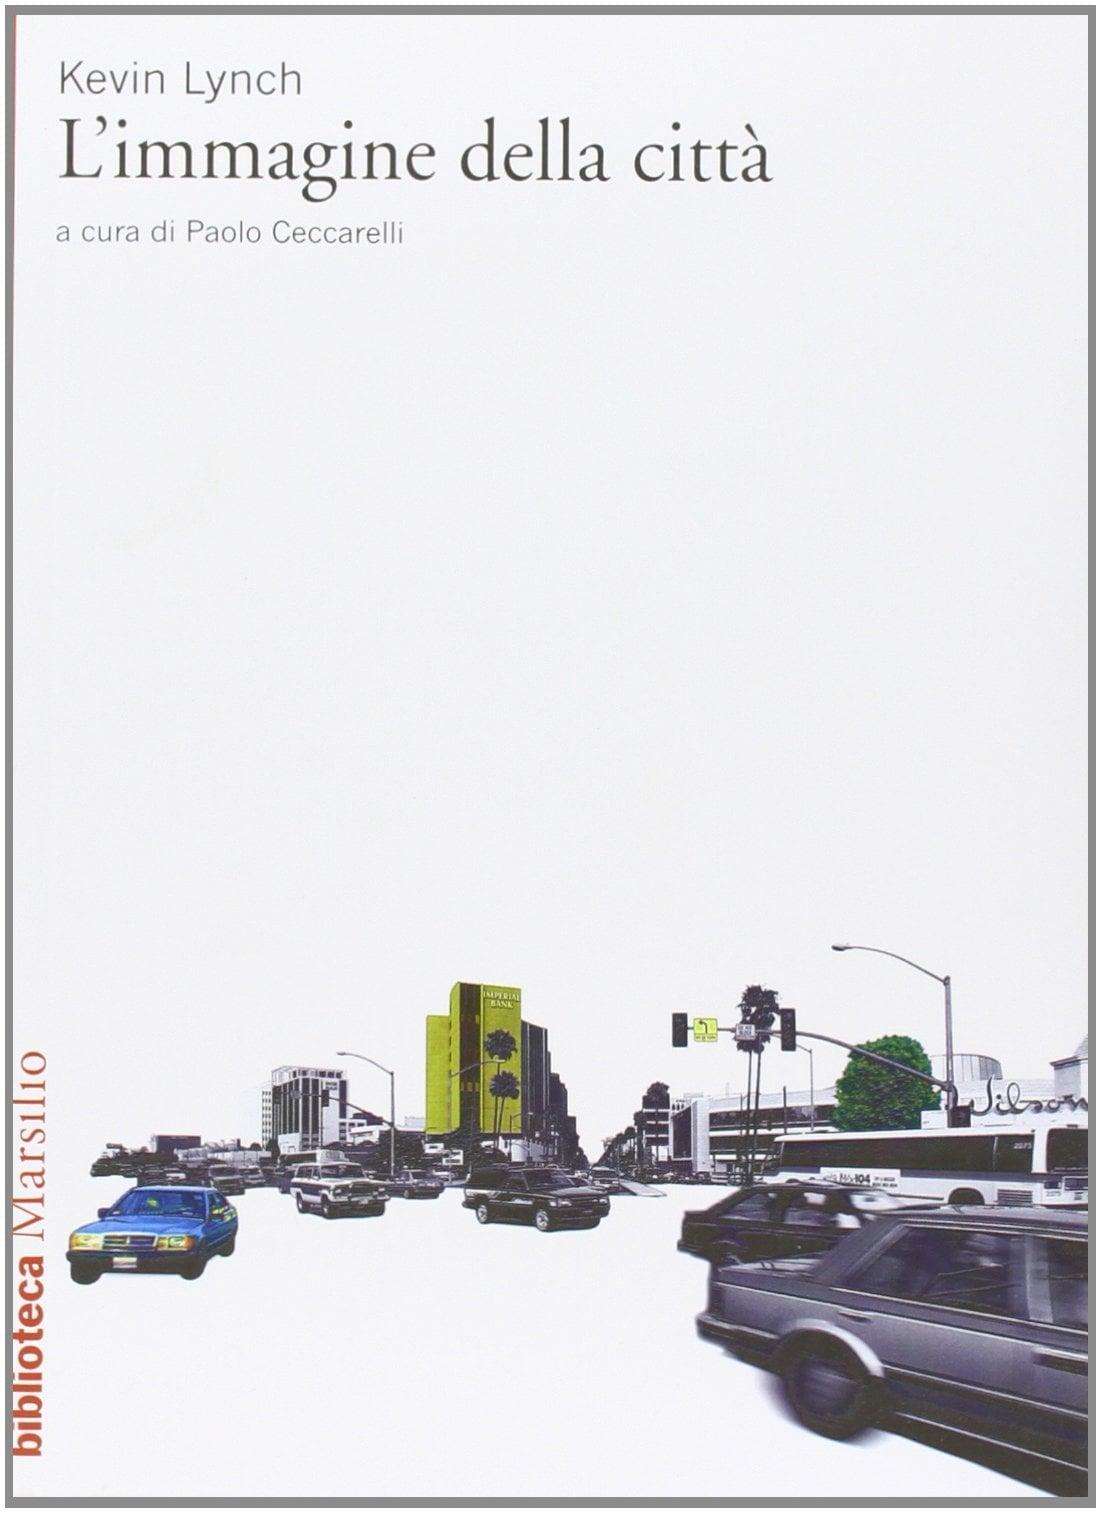 Leg.Geo – L'immagine della città di Kevin Lynch